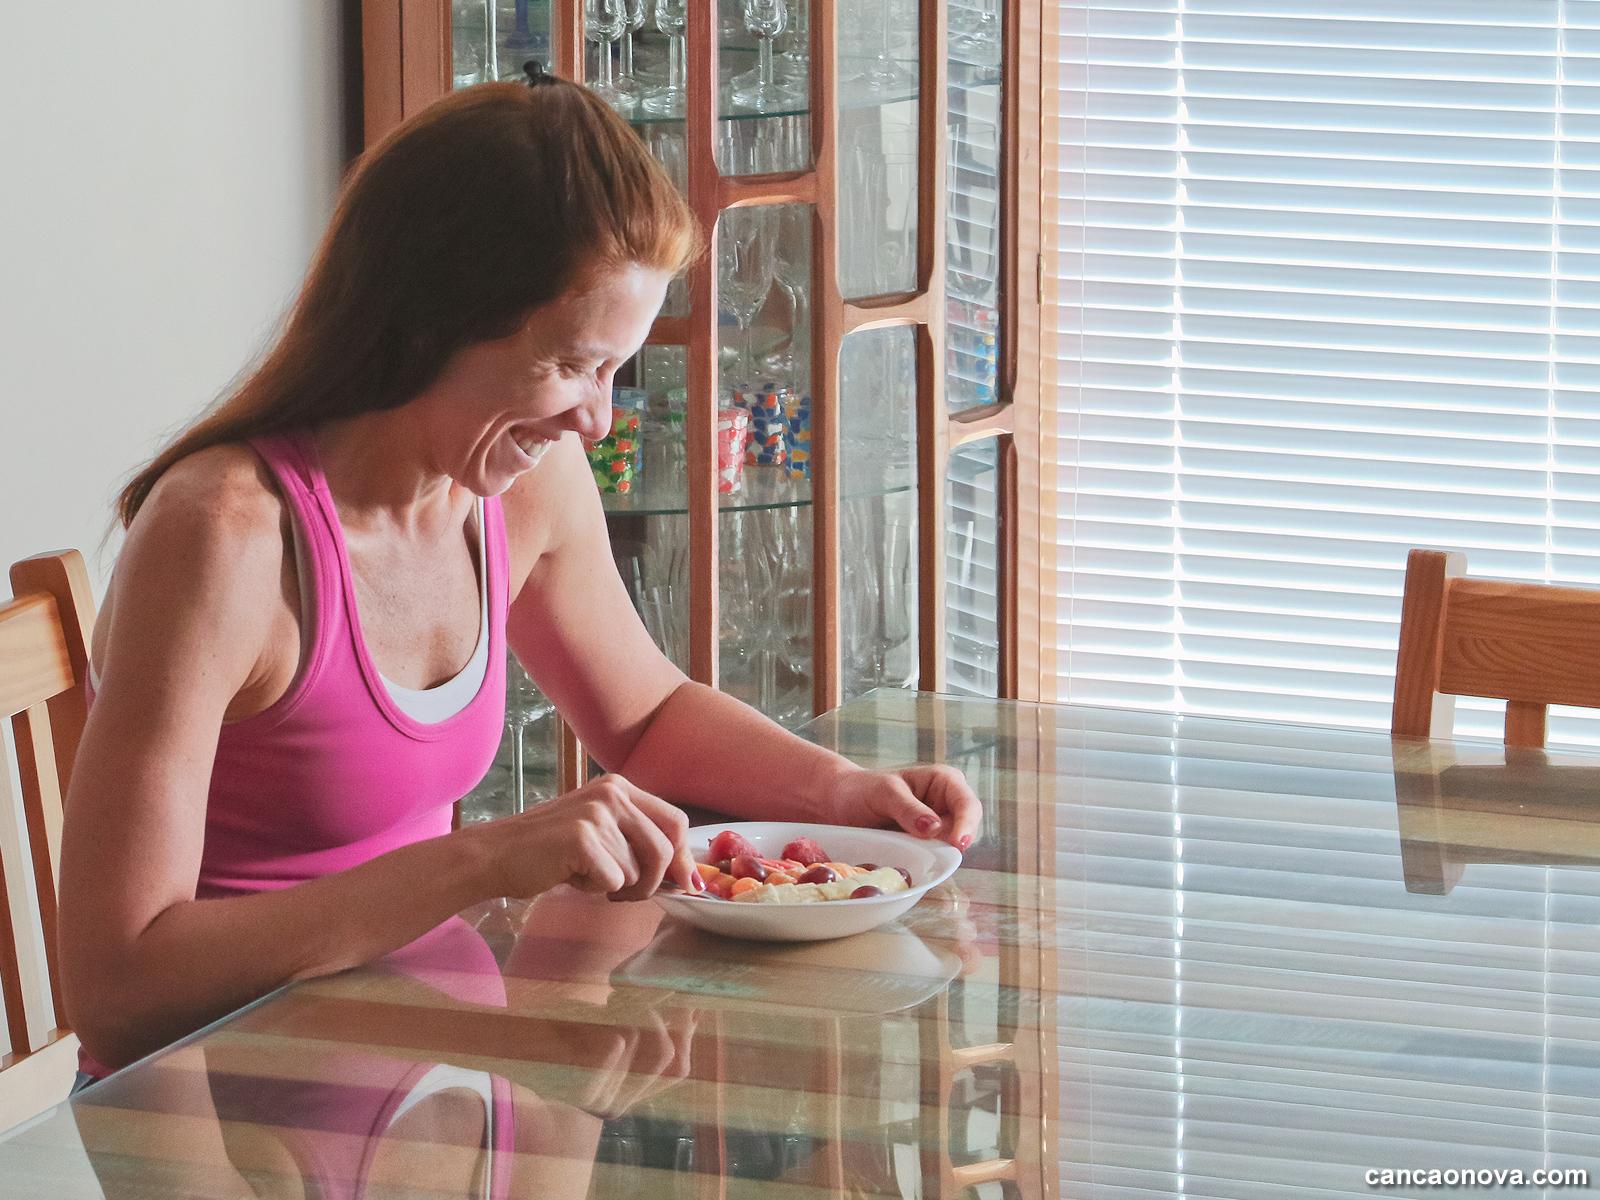 -Quando-o-assunto-é-alimentação-nossas-escolhas-nos-definem?-